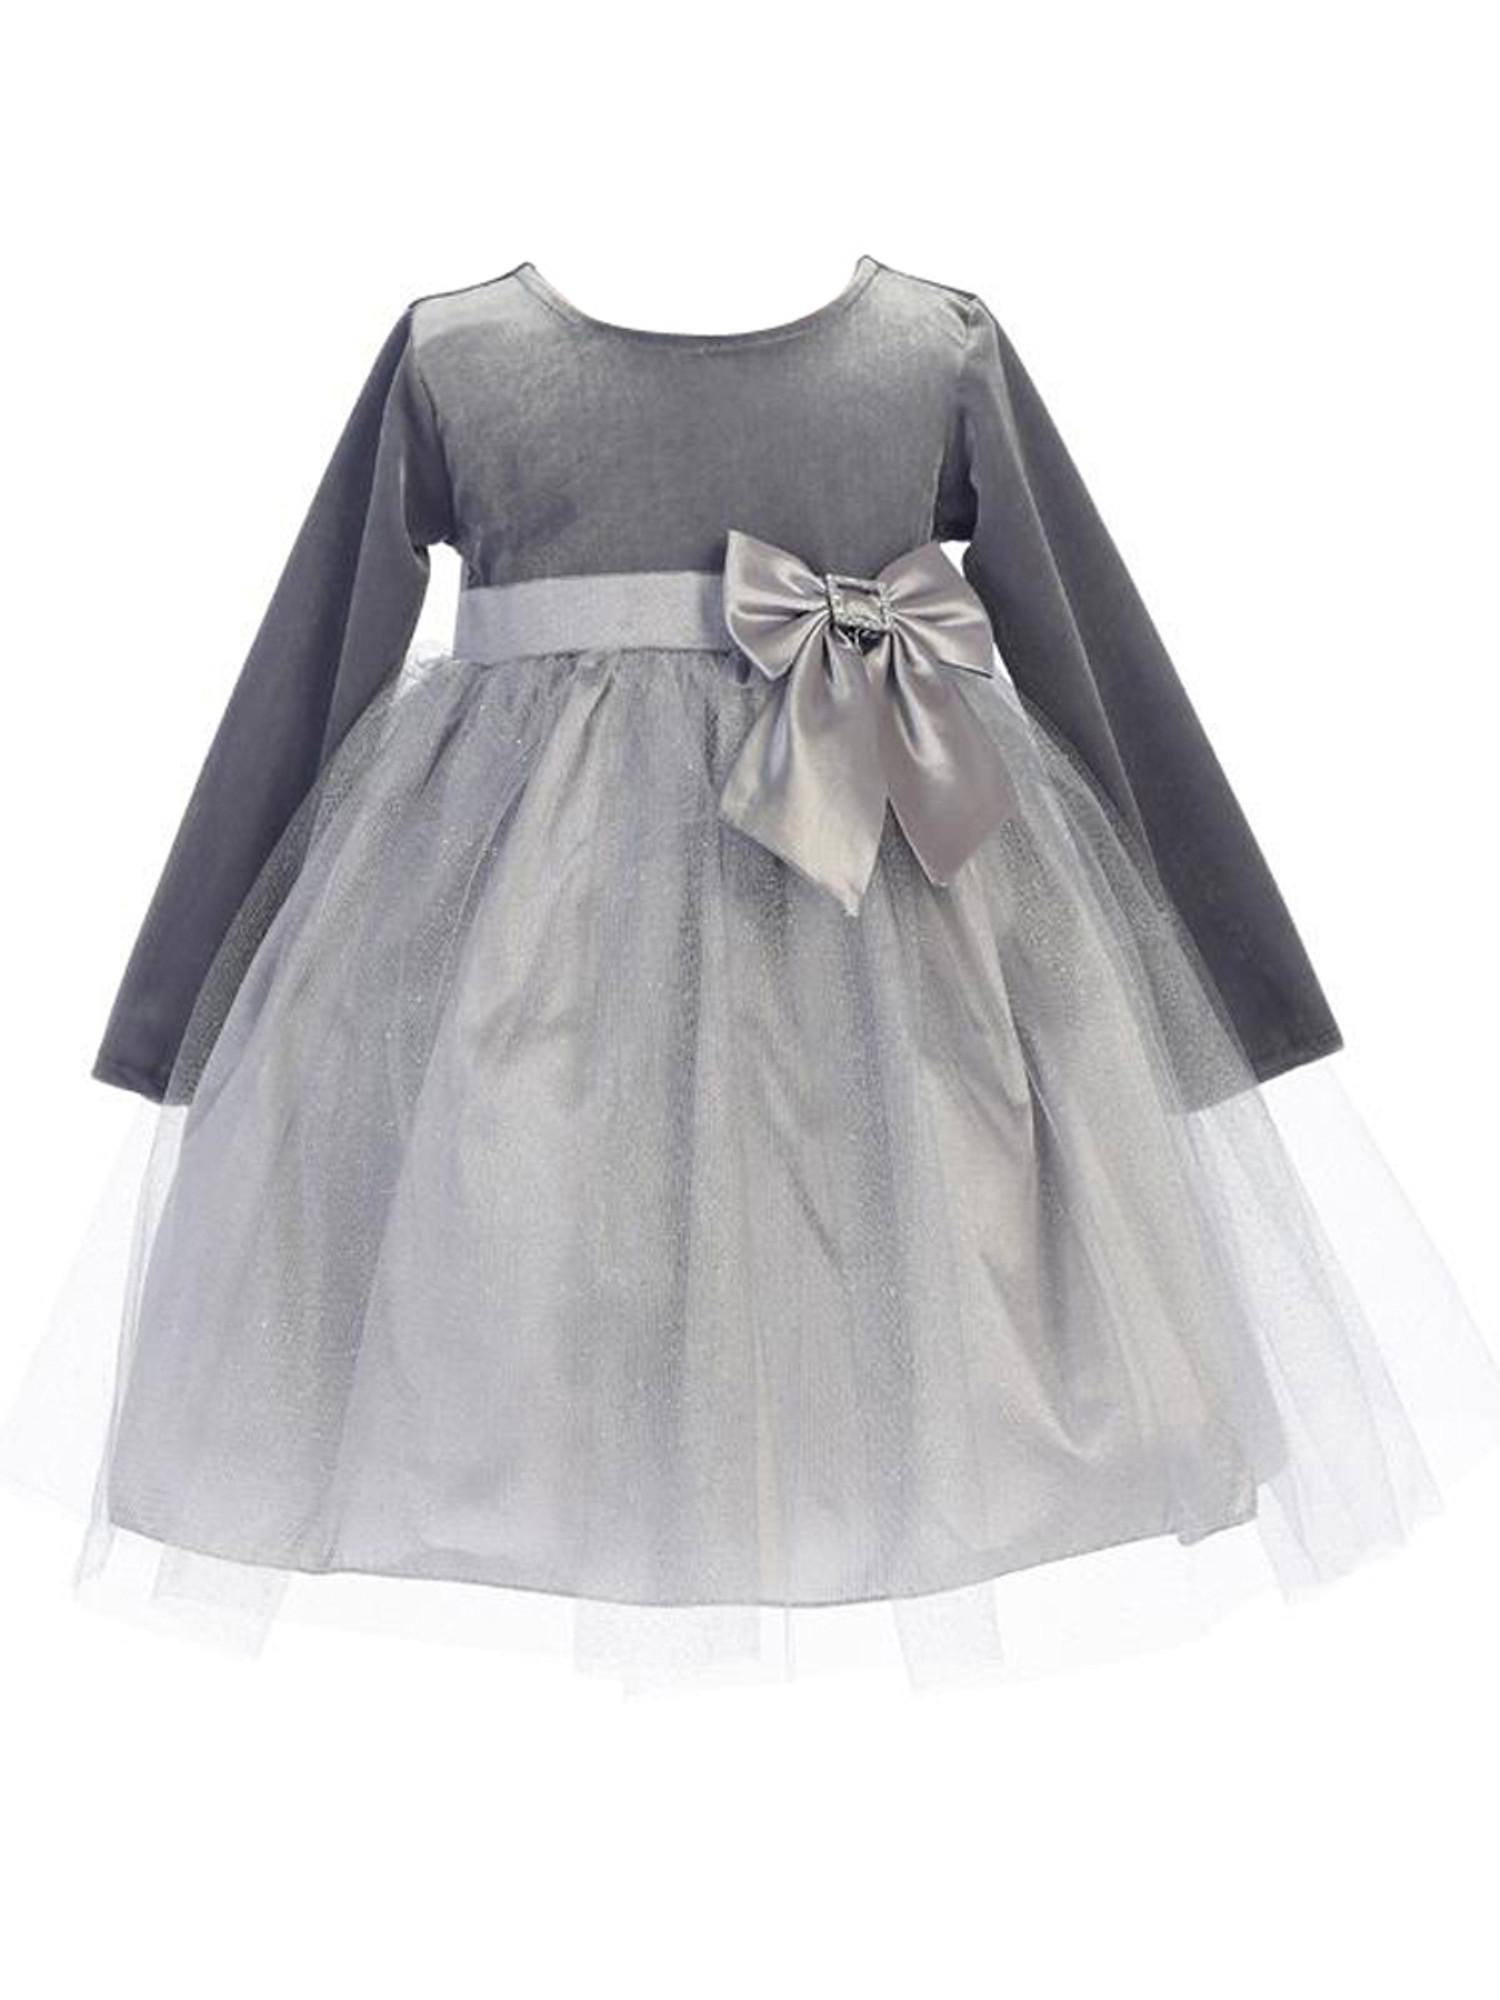 Samtkleid Emmi grau silber Kleid Mädchen Samt Tüll Glitzer Samtkleid ...